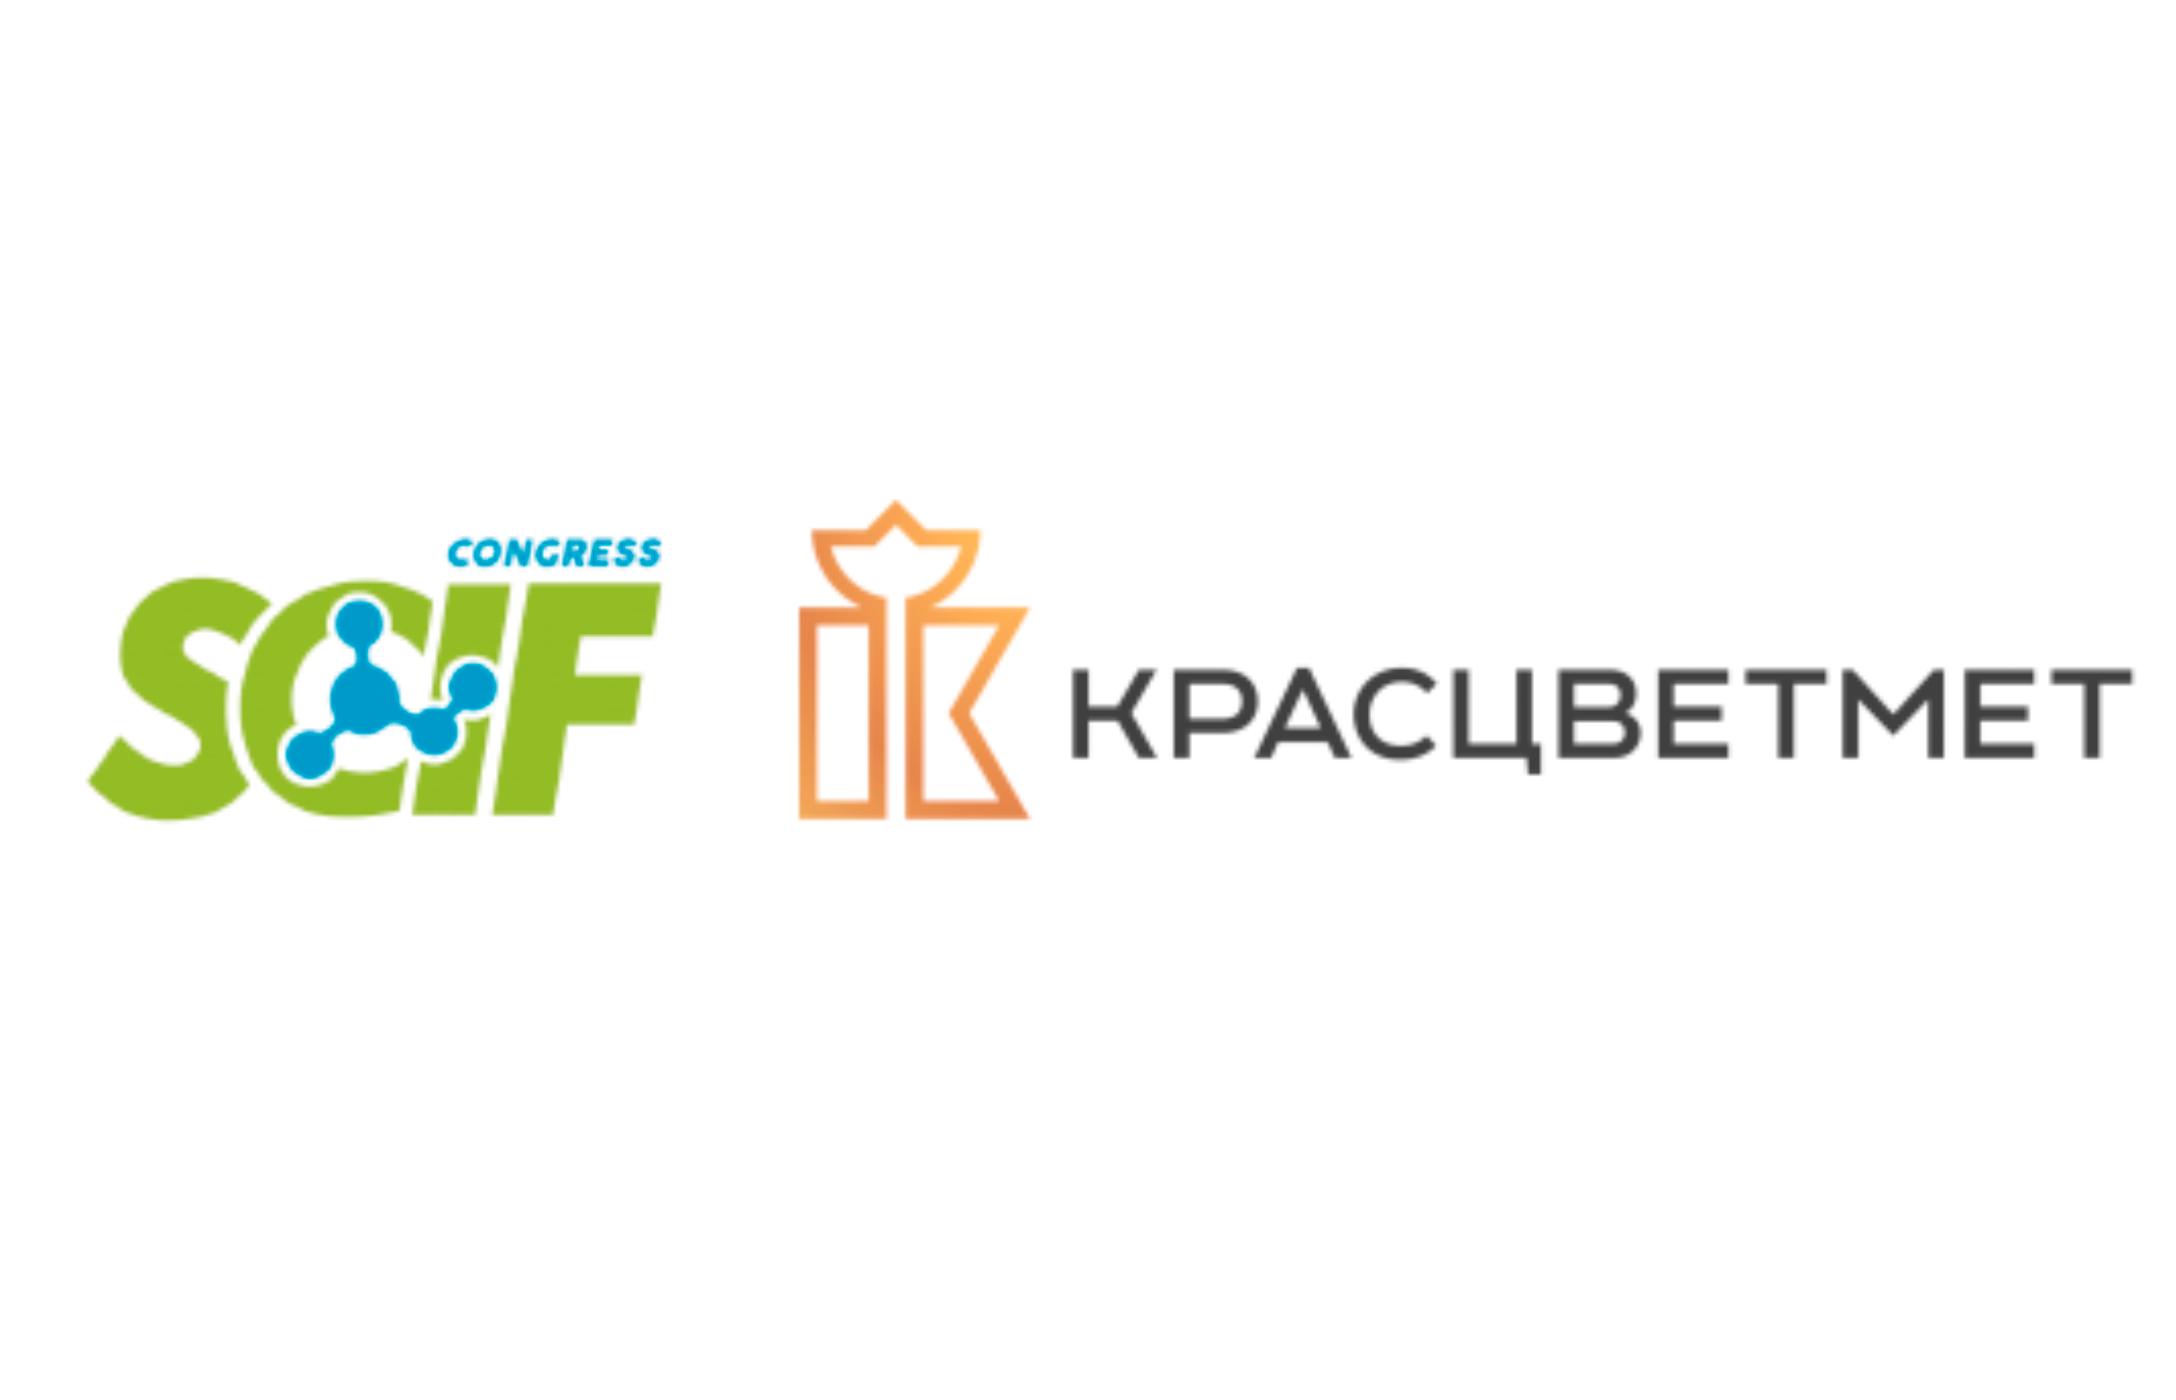 SCIF Congress и Красцветмет подписали Меморандум о сотрудничестве